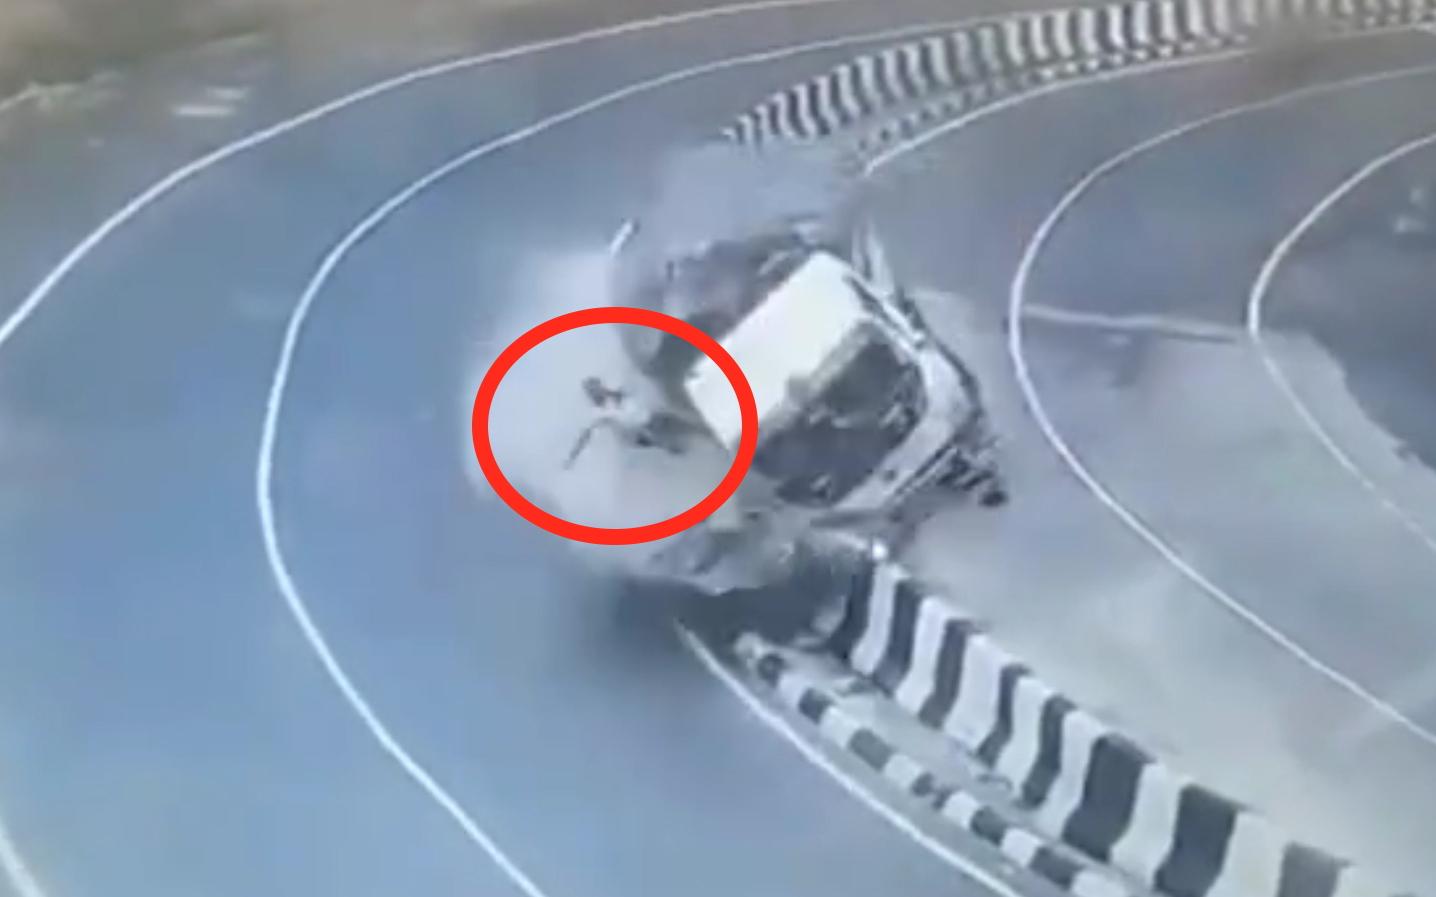 交通事故合集:女学员在科目三快通过时被社会车辆逼停,崩溃大哭:都是你害的!